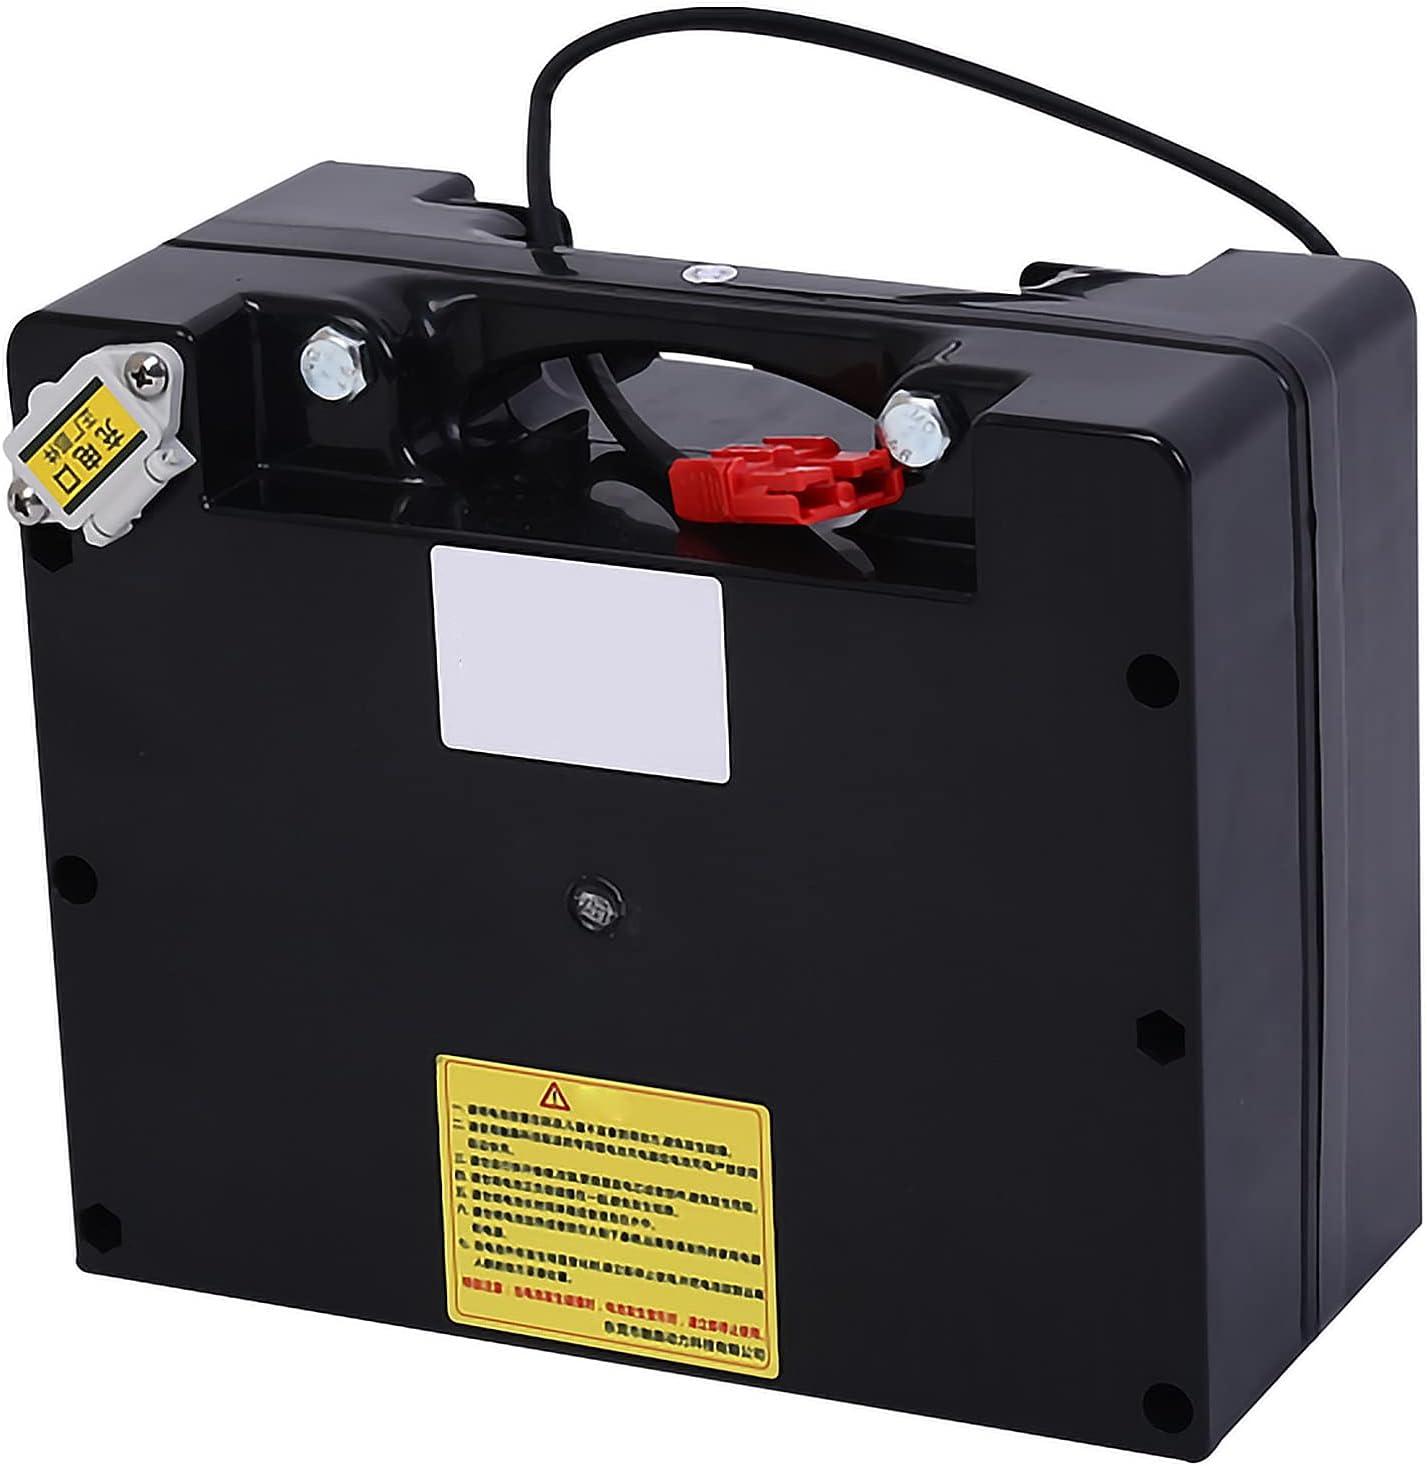 LONGRING Batería Lifepo4 de 24V Batería de Litio de Gran Capacidad para Silla de Ruedas eléctrica 20Ah-40Ah + Cargador de batería de Litio Compatible con la mayoría de sillas de Ruedas,E,24V 20AH